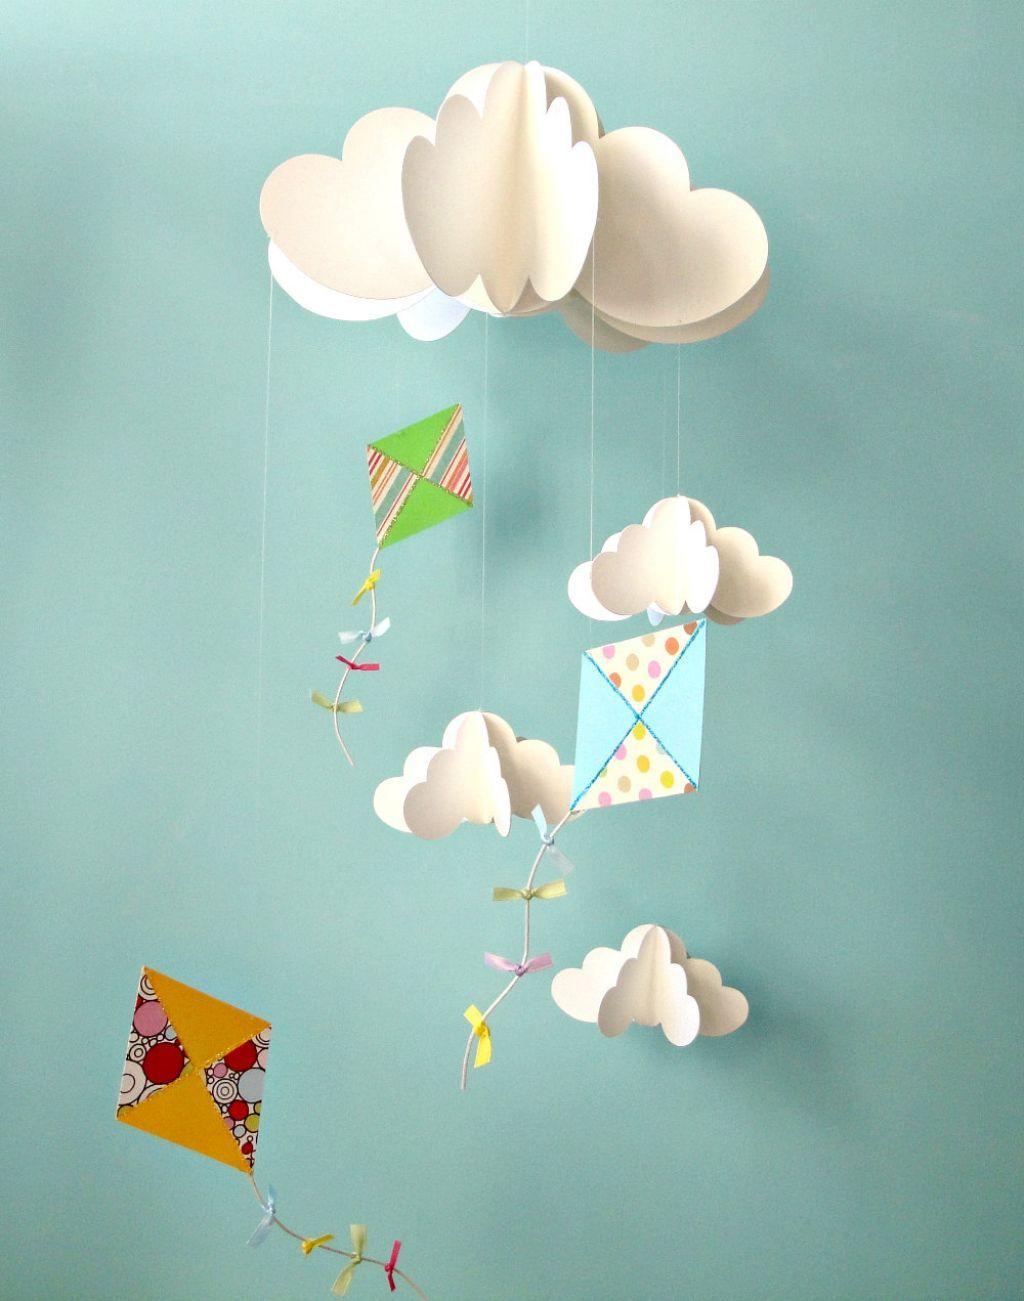 «Подвесные поделки из бумаги» карточка пользователя 45